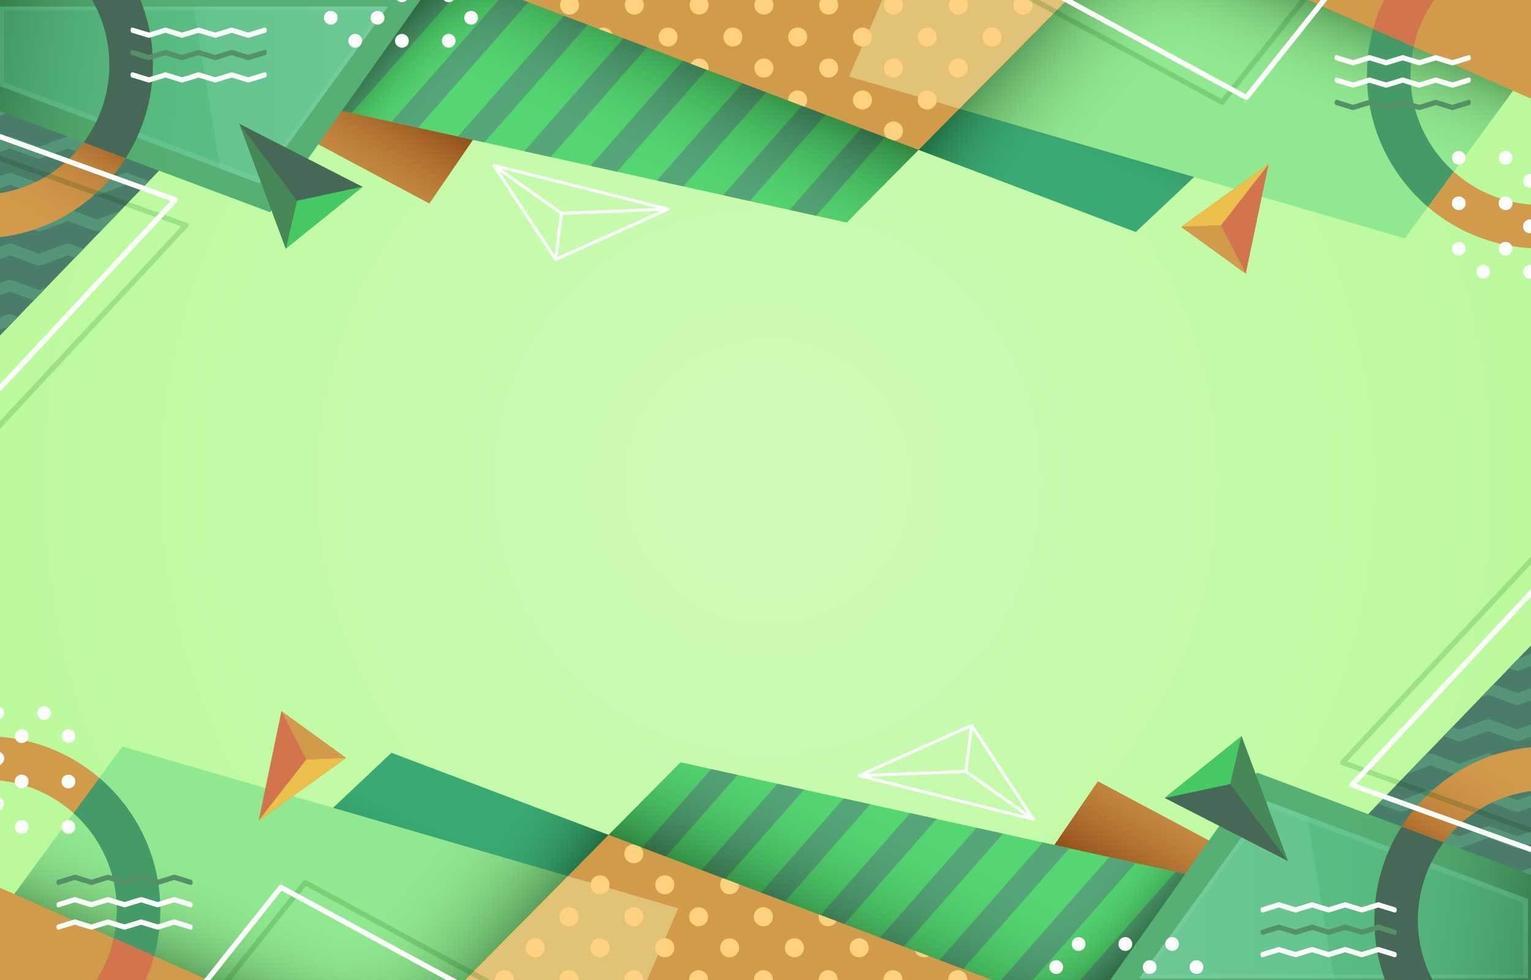 abstrakter grüner geometrischer Hintergrund vektor